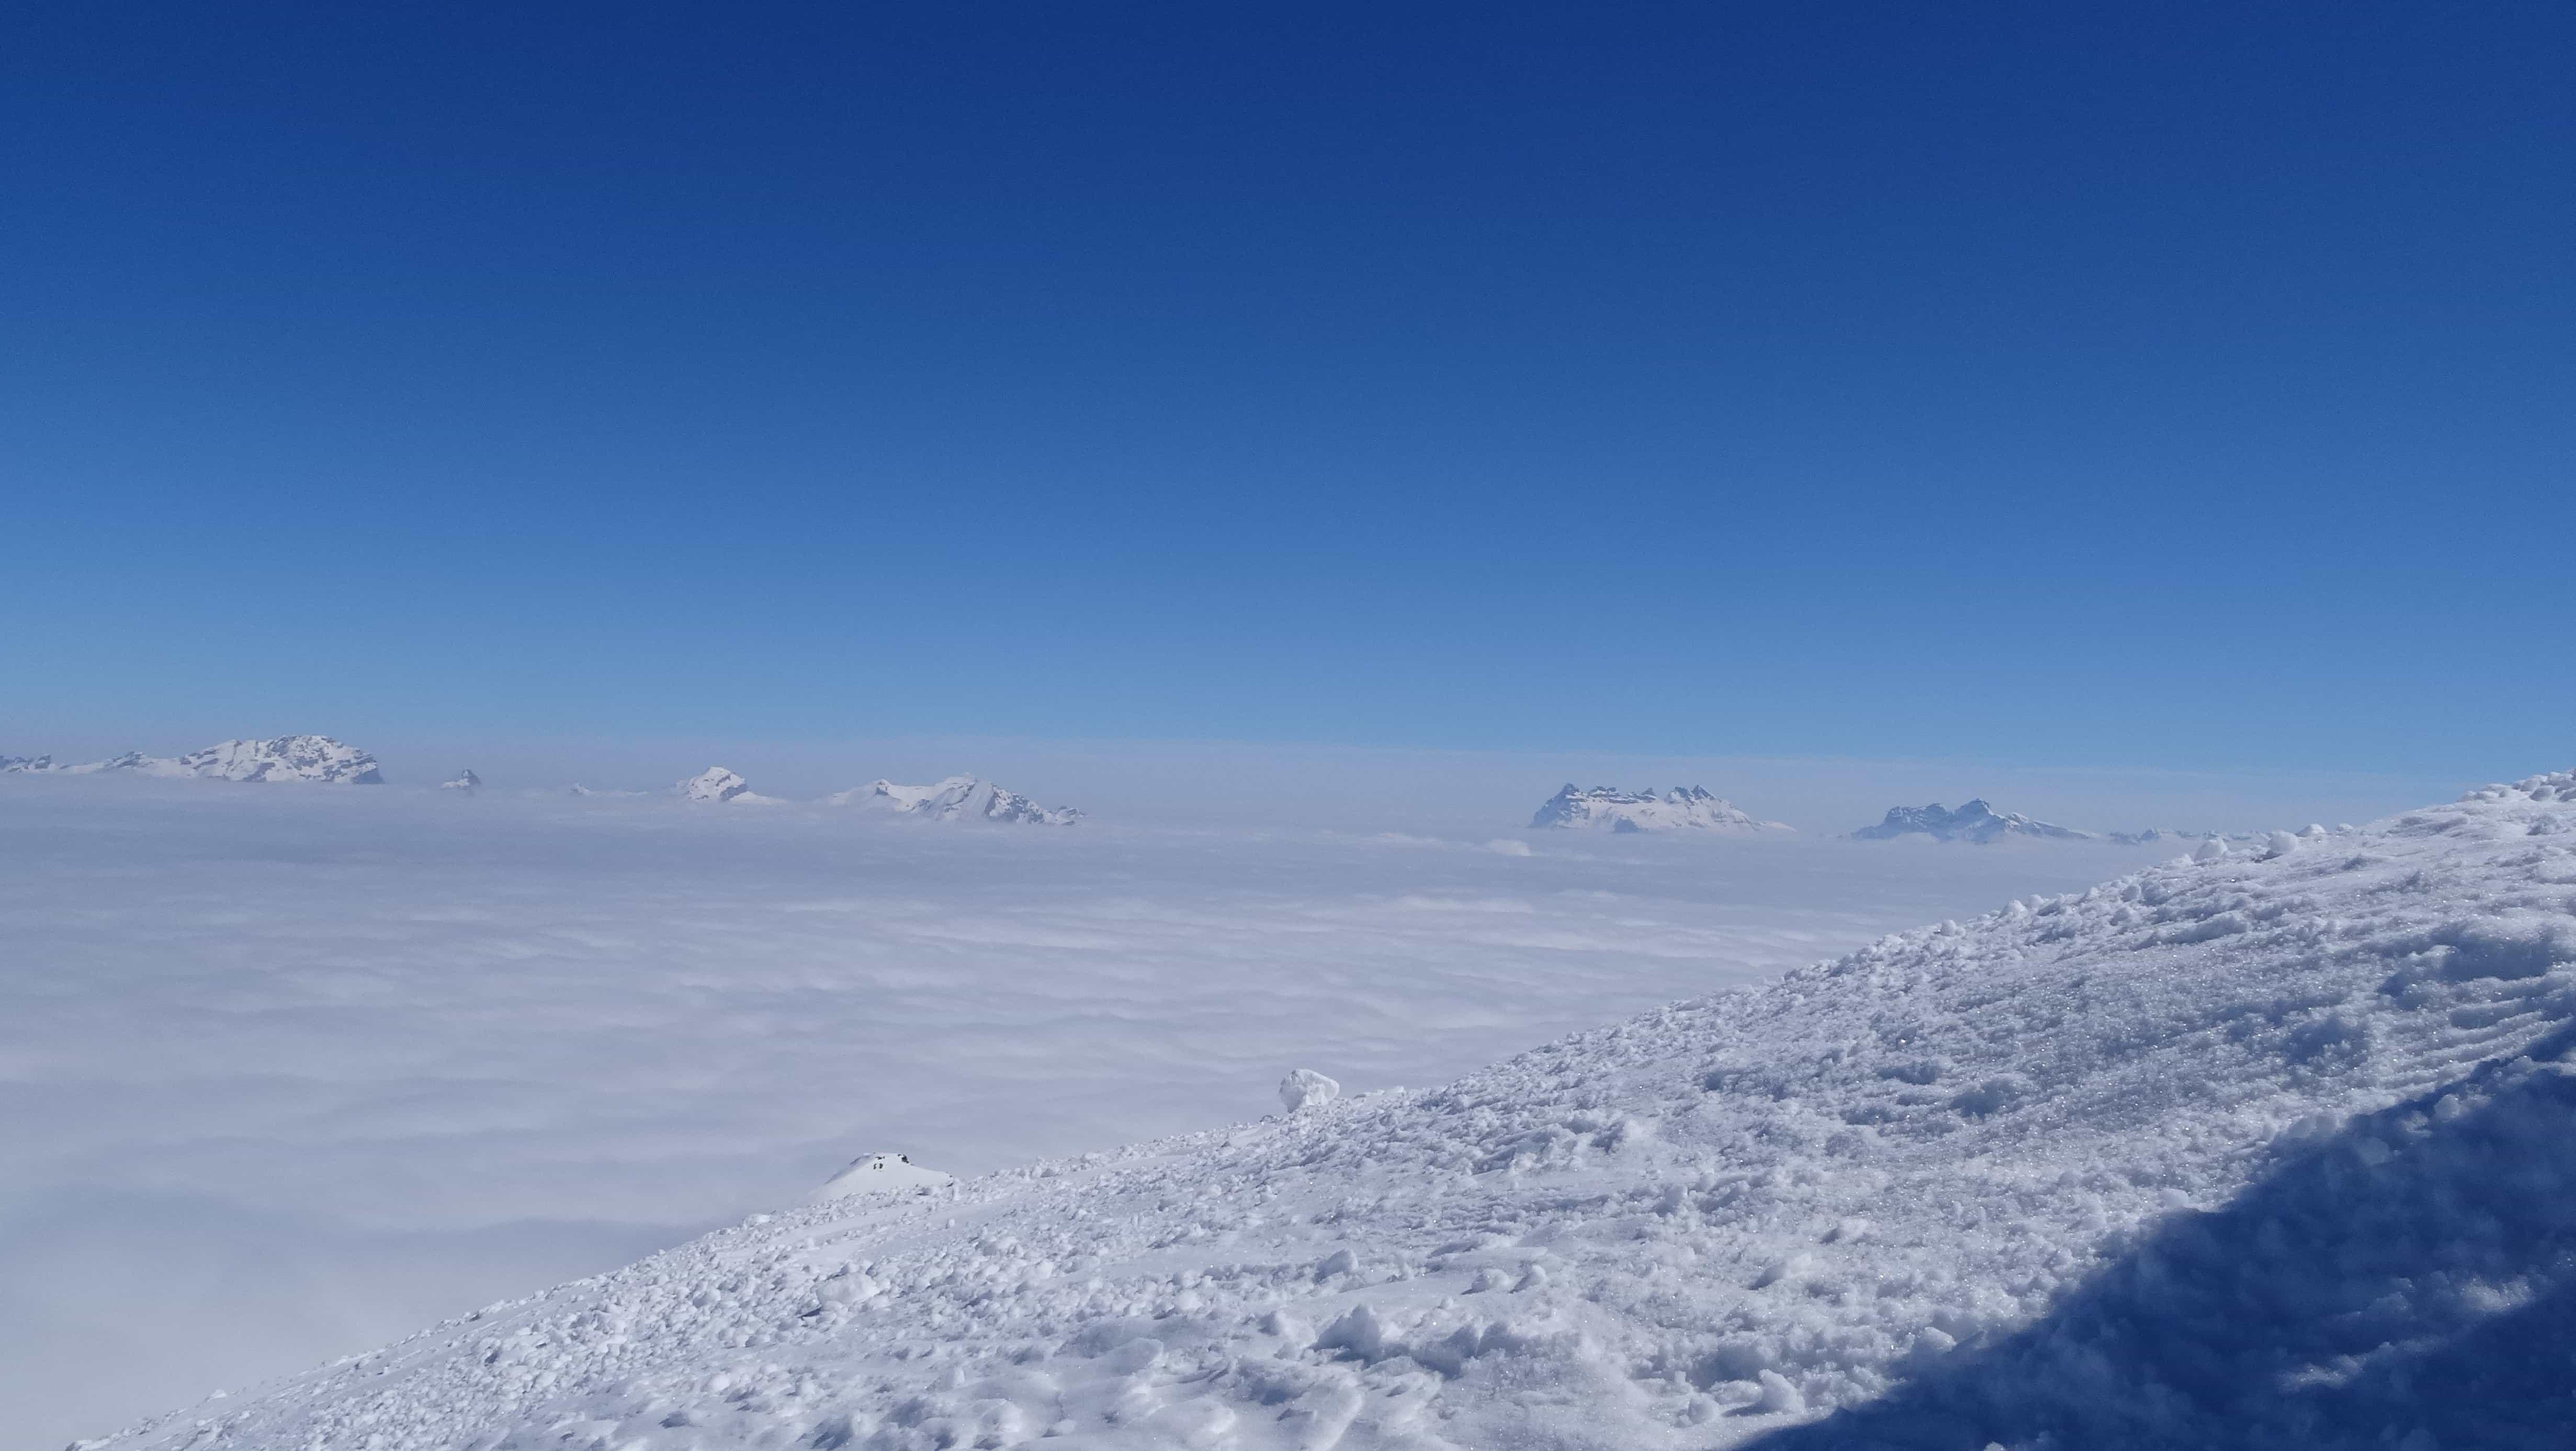 Camera Wallpaper Hd Free Picture Blue Sky Ridge Altitude Winter Snow